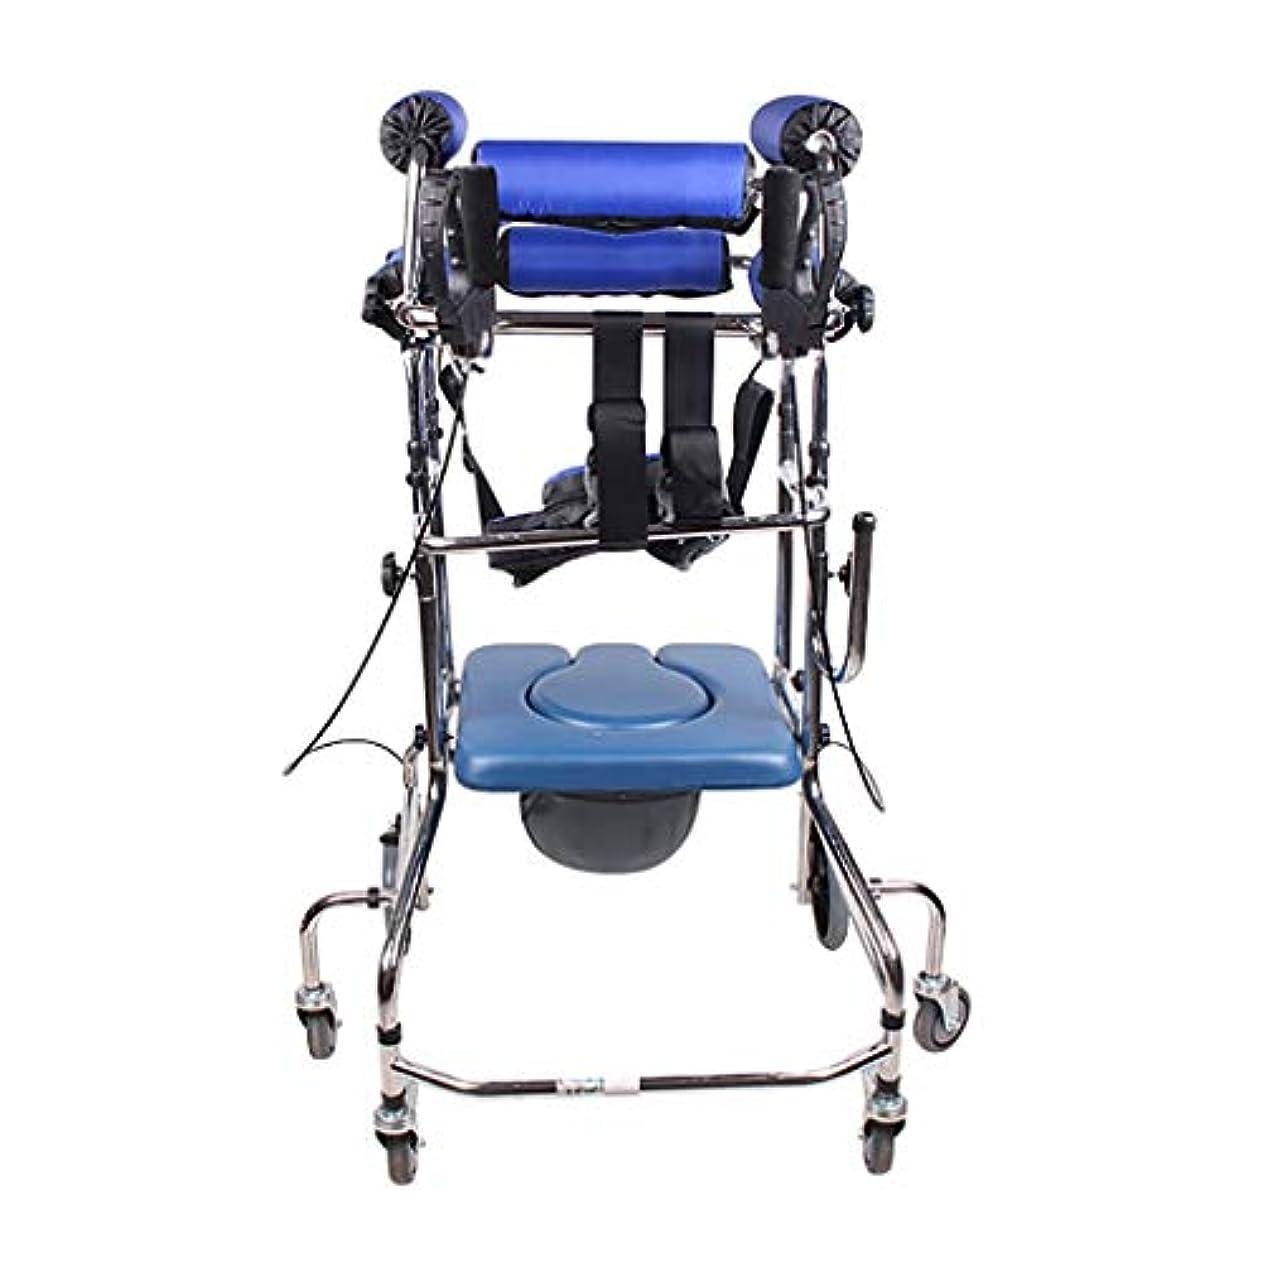 カレッジ衛星リビジョンスタンディングウォーキングラック/ウォーカー/身体障害者用手すり車椅子立ちベッド青6ラウンドハンドブレーキプラスフットブレーキトイレに追加